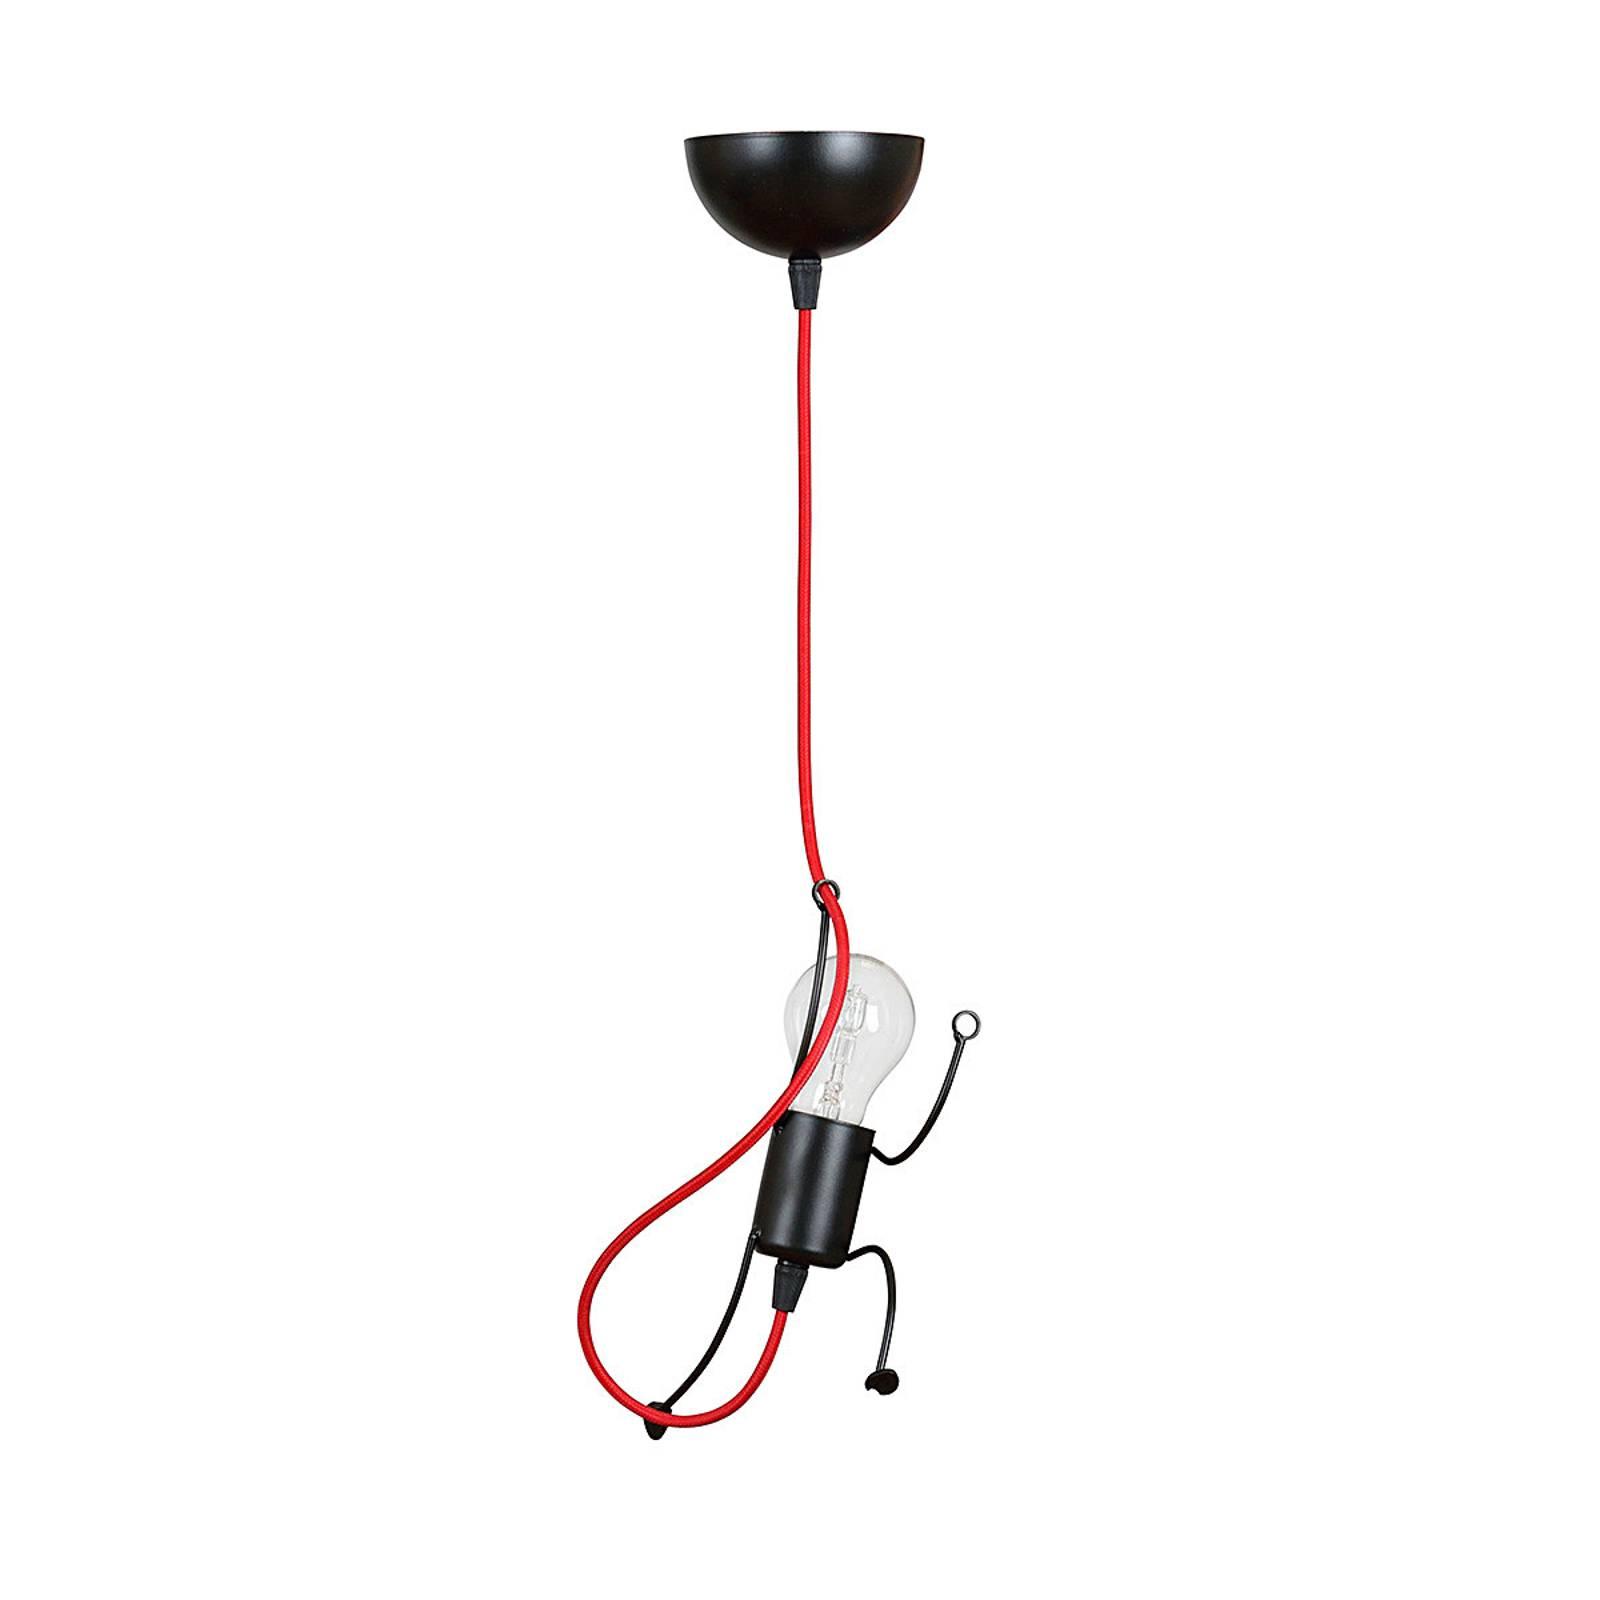 Hängeleuchte Bobi 1 in Schwarz, Kabel rot, 1-fl.